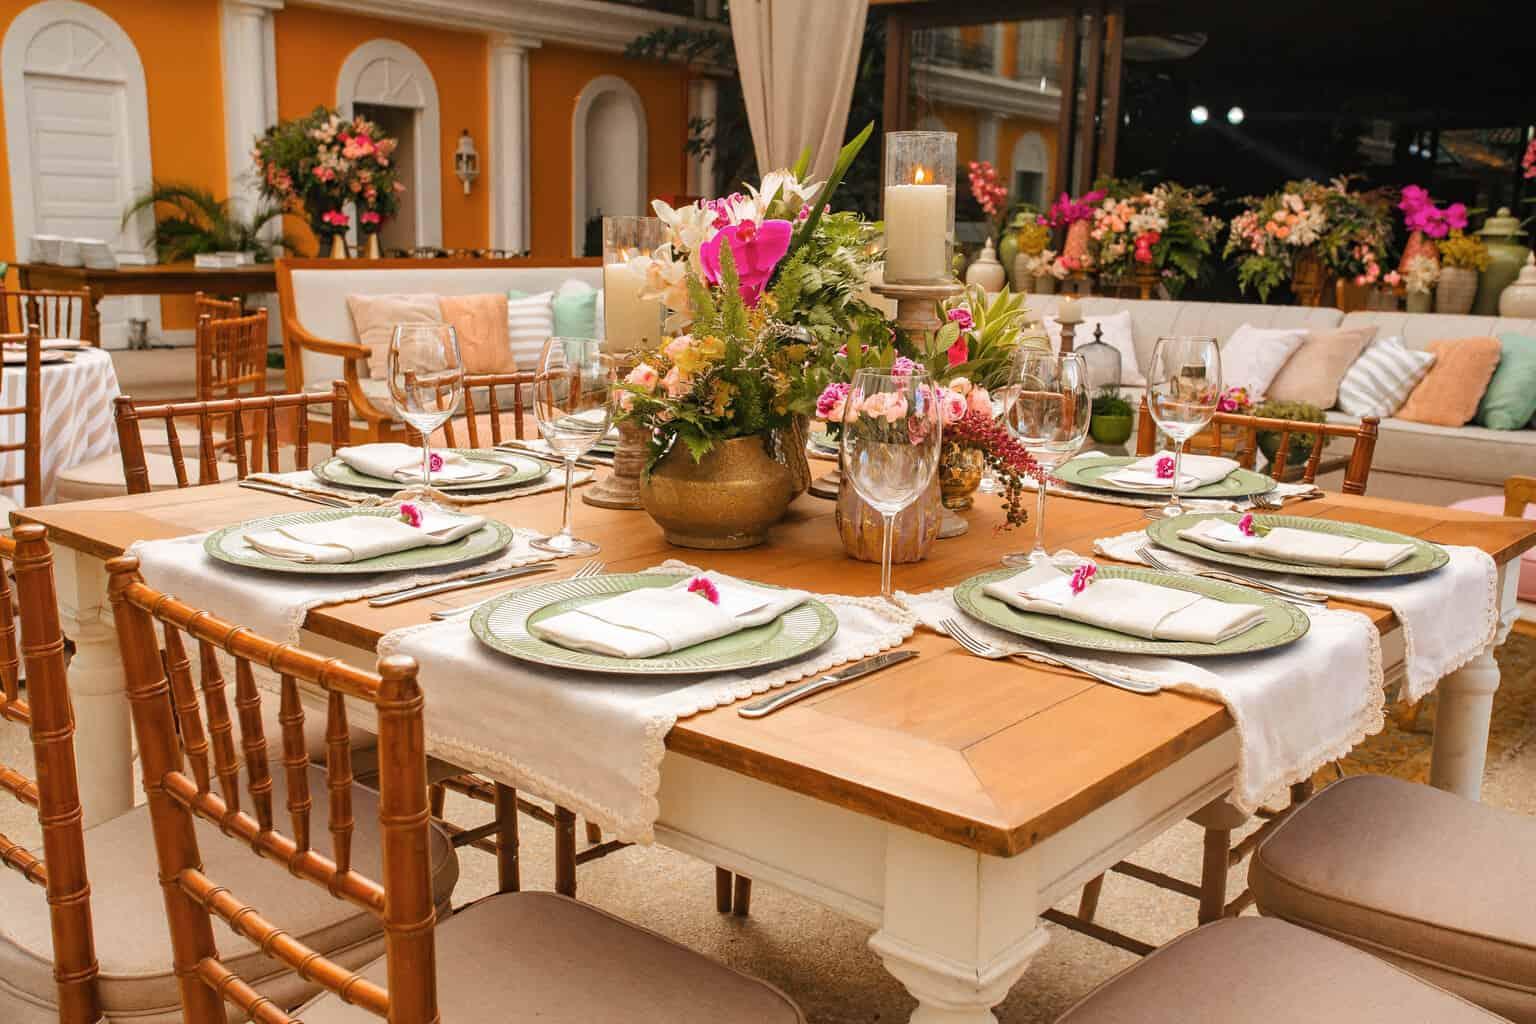 casamento-Beatriz-e-Joao-Fernando-decoracao-romantica-Itaipava-Locanda-Della-Mimosa-Thienny-Tammis54